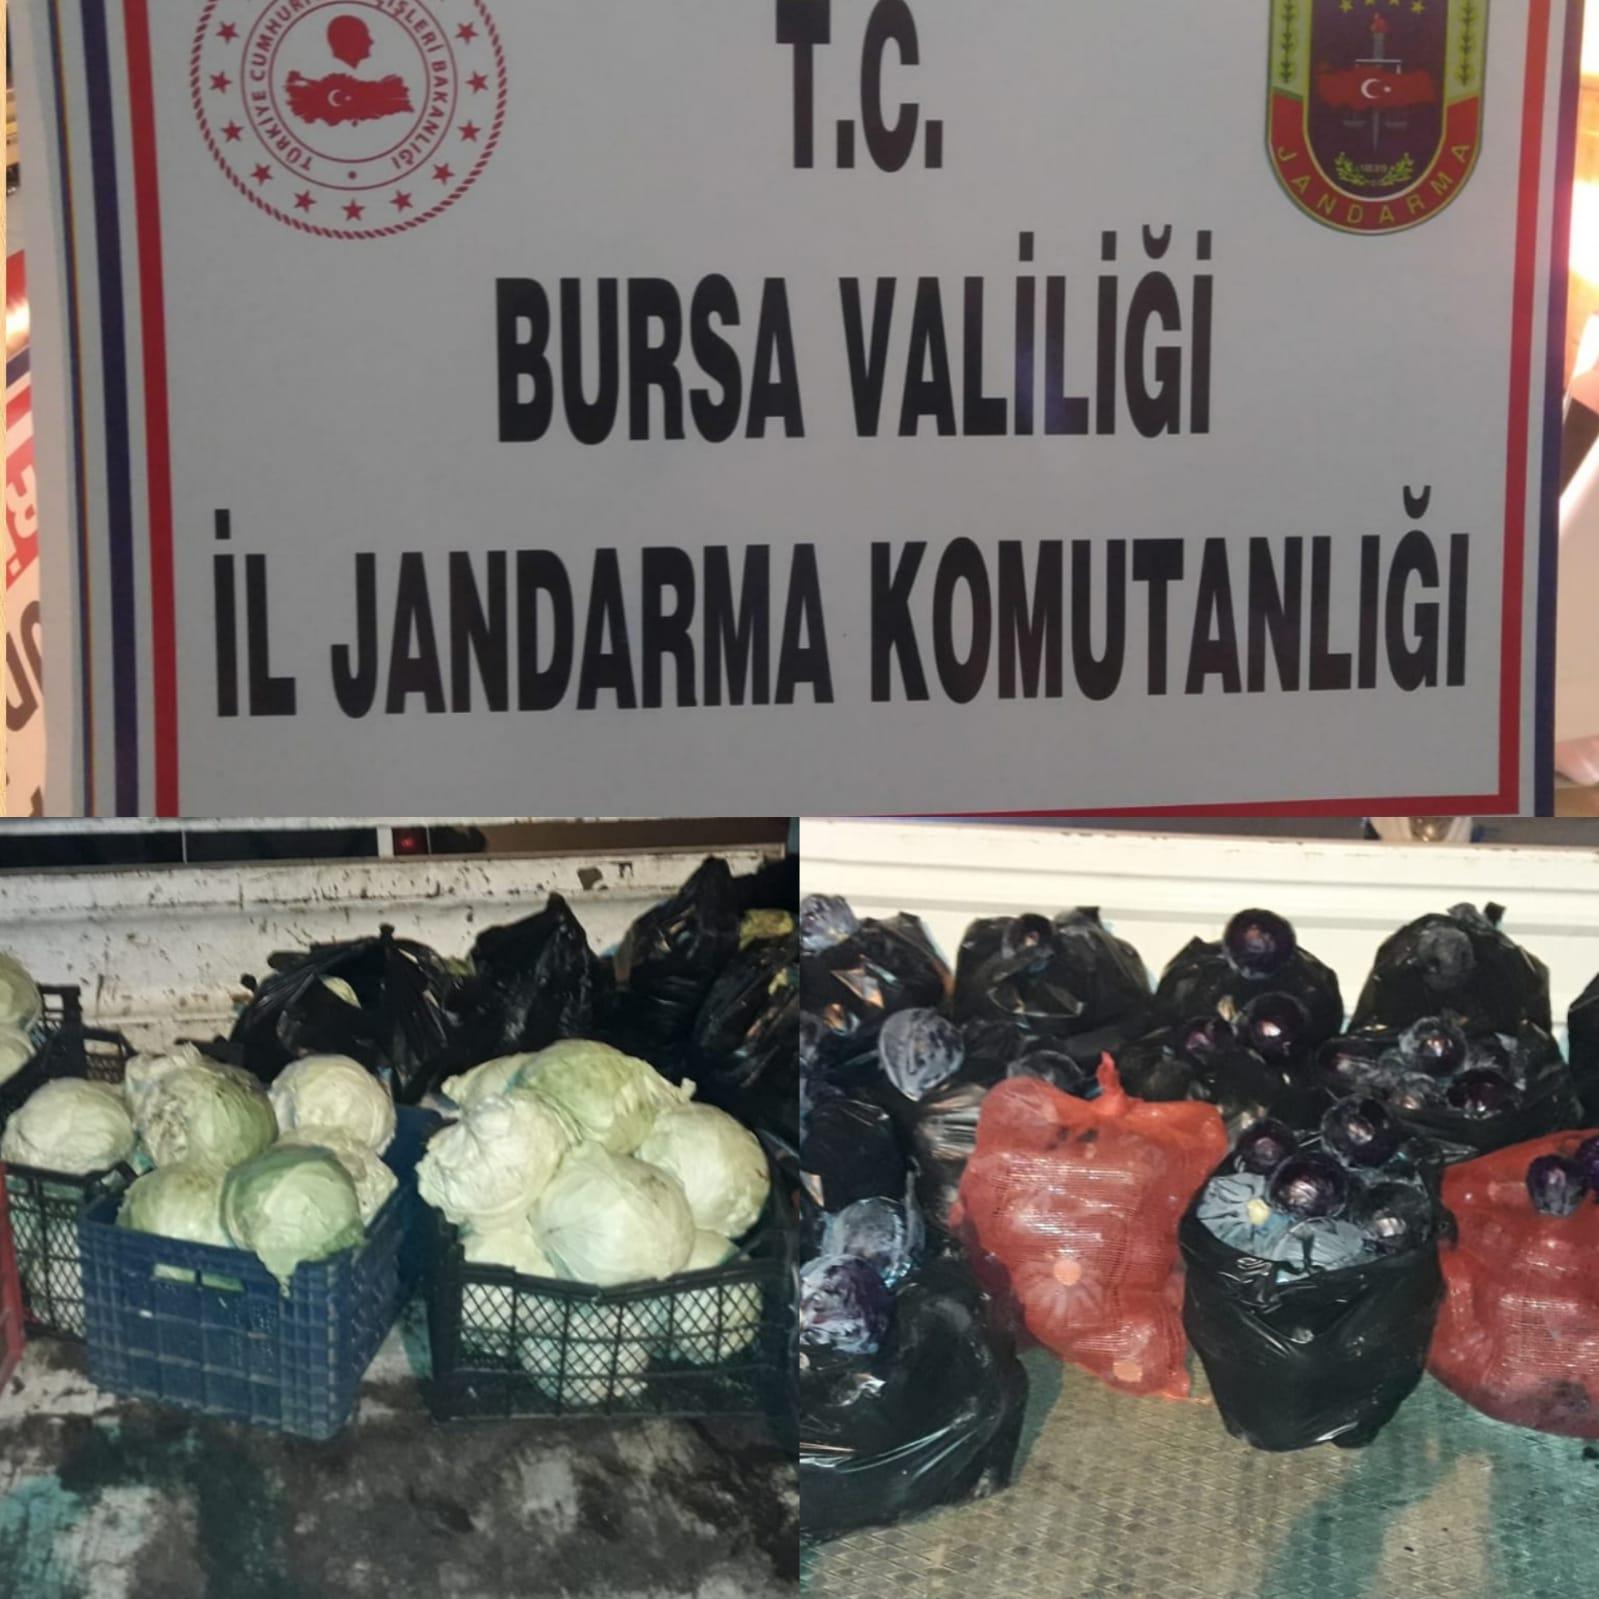 Çaldıkları meyve ve sebzeleri pazarda satan 3 şüpheli suçüstü yakalandı